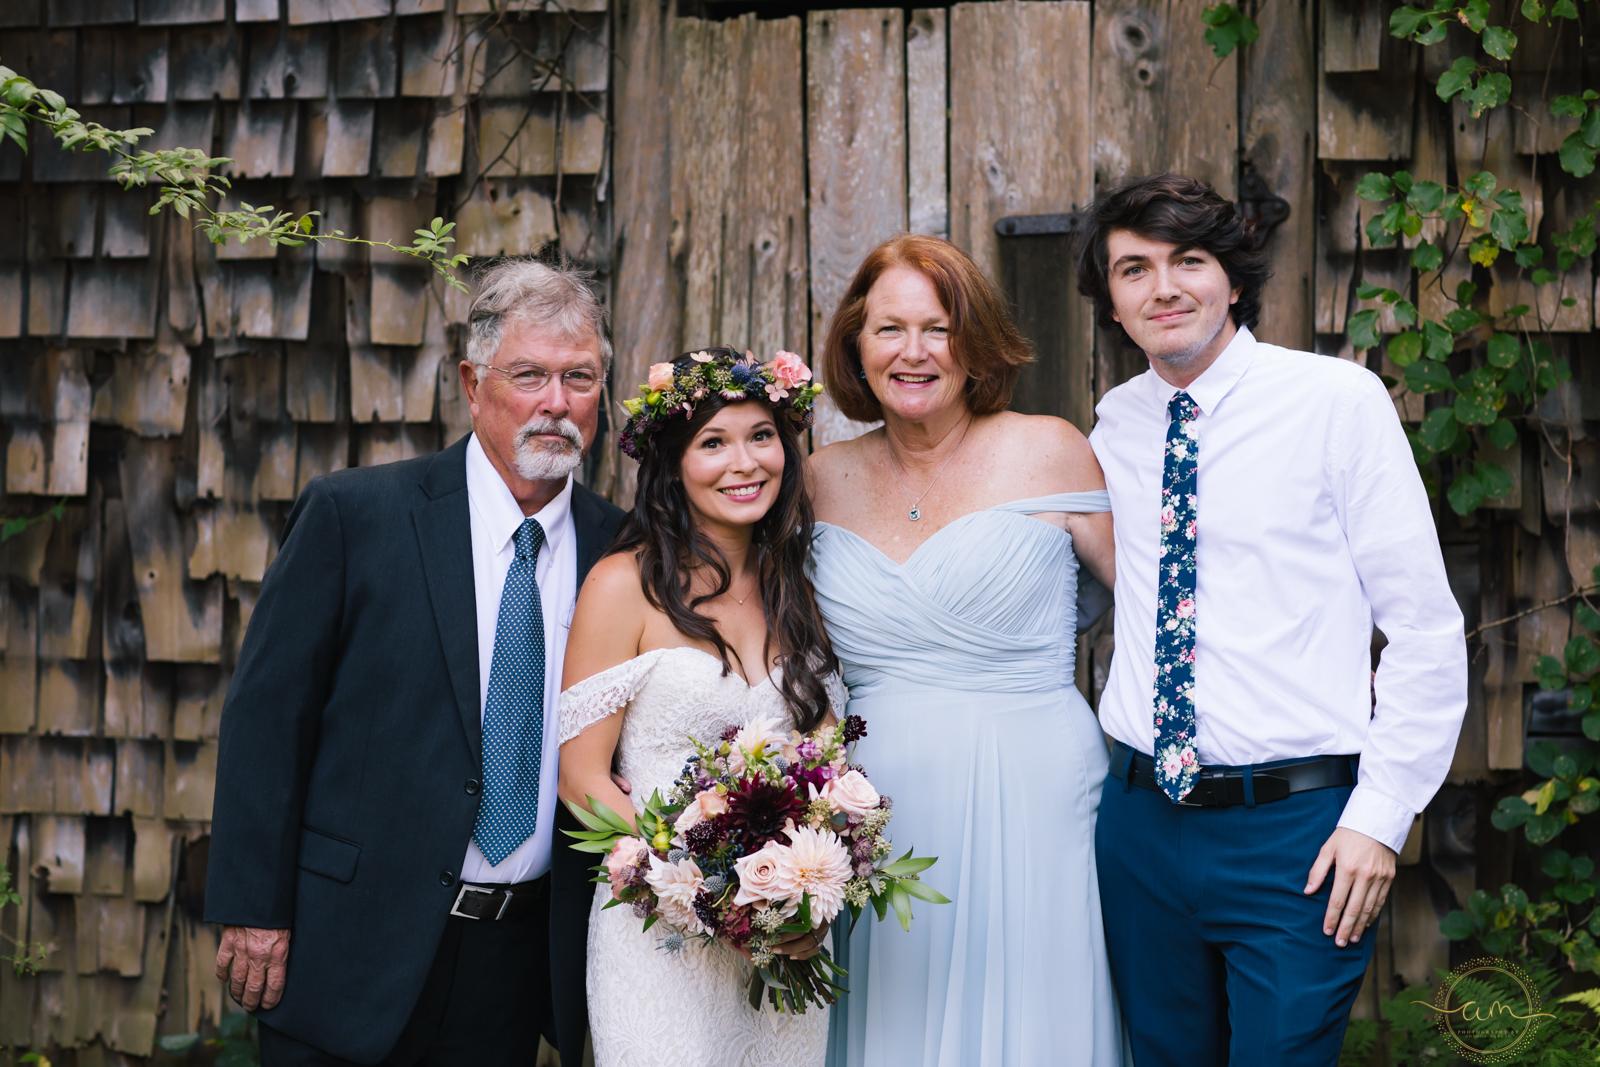 Narragansett-RI-Beach-Wedding-Amanda-Morgan-16.jpg